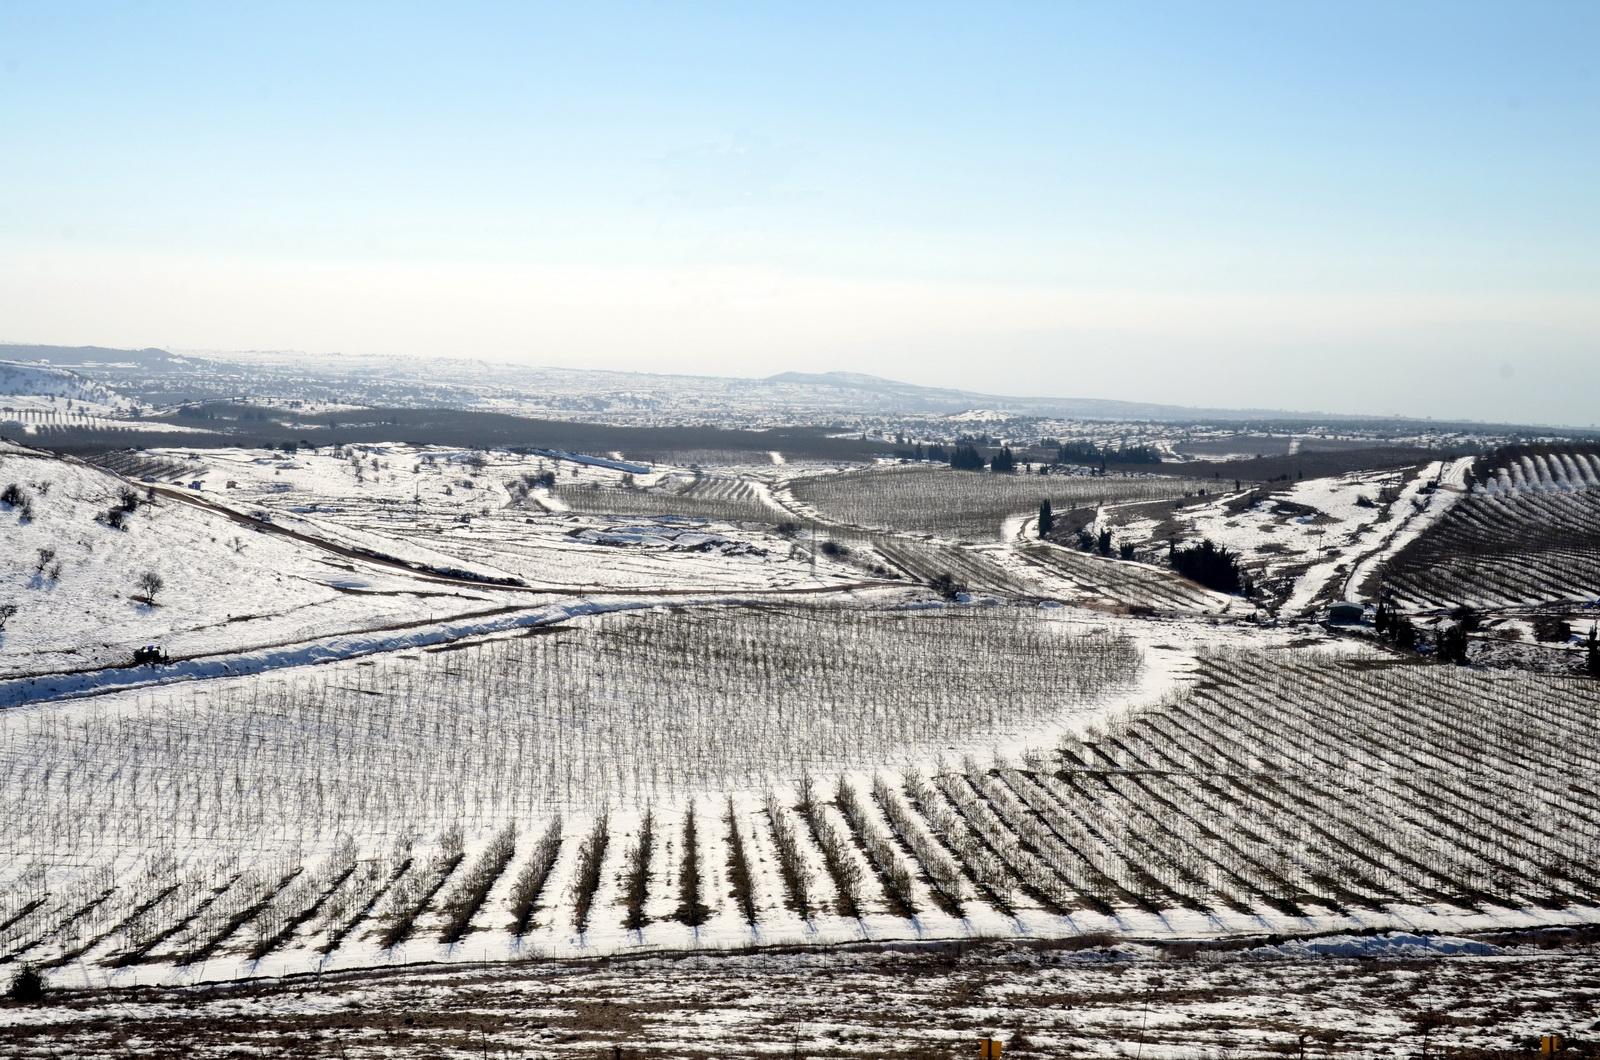 גולן - מטעי עין זיוון בשלג